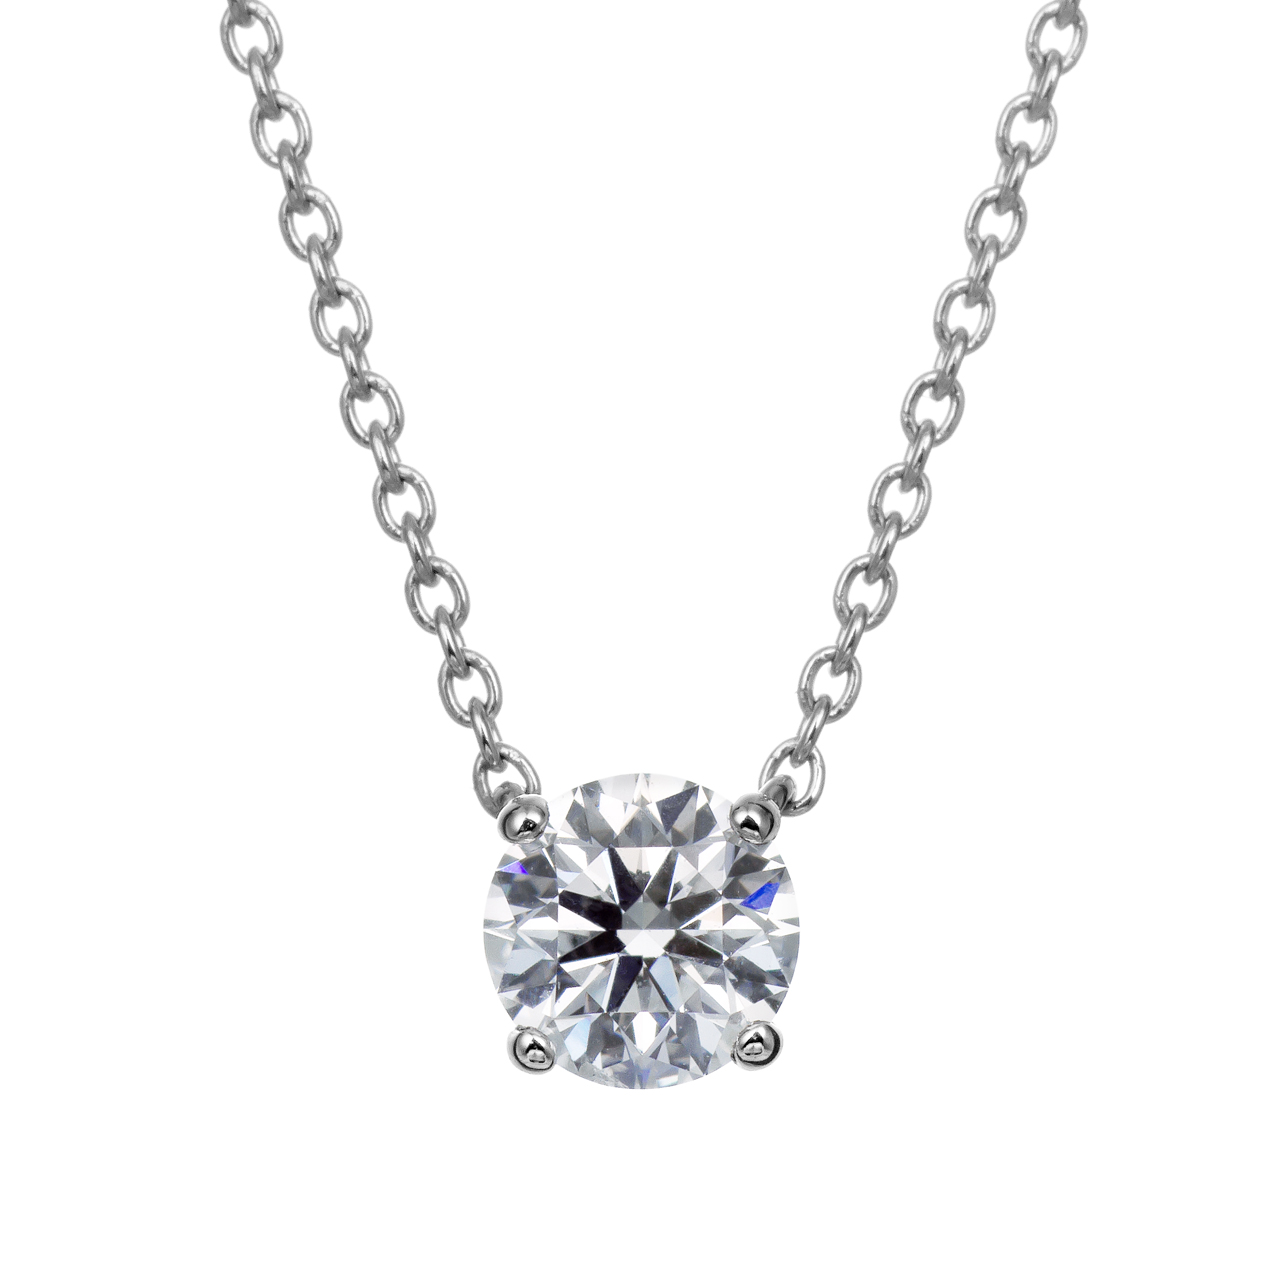 ダイヤモンド4ポイントネックレス